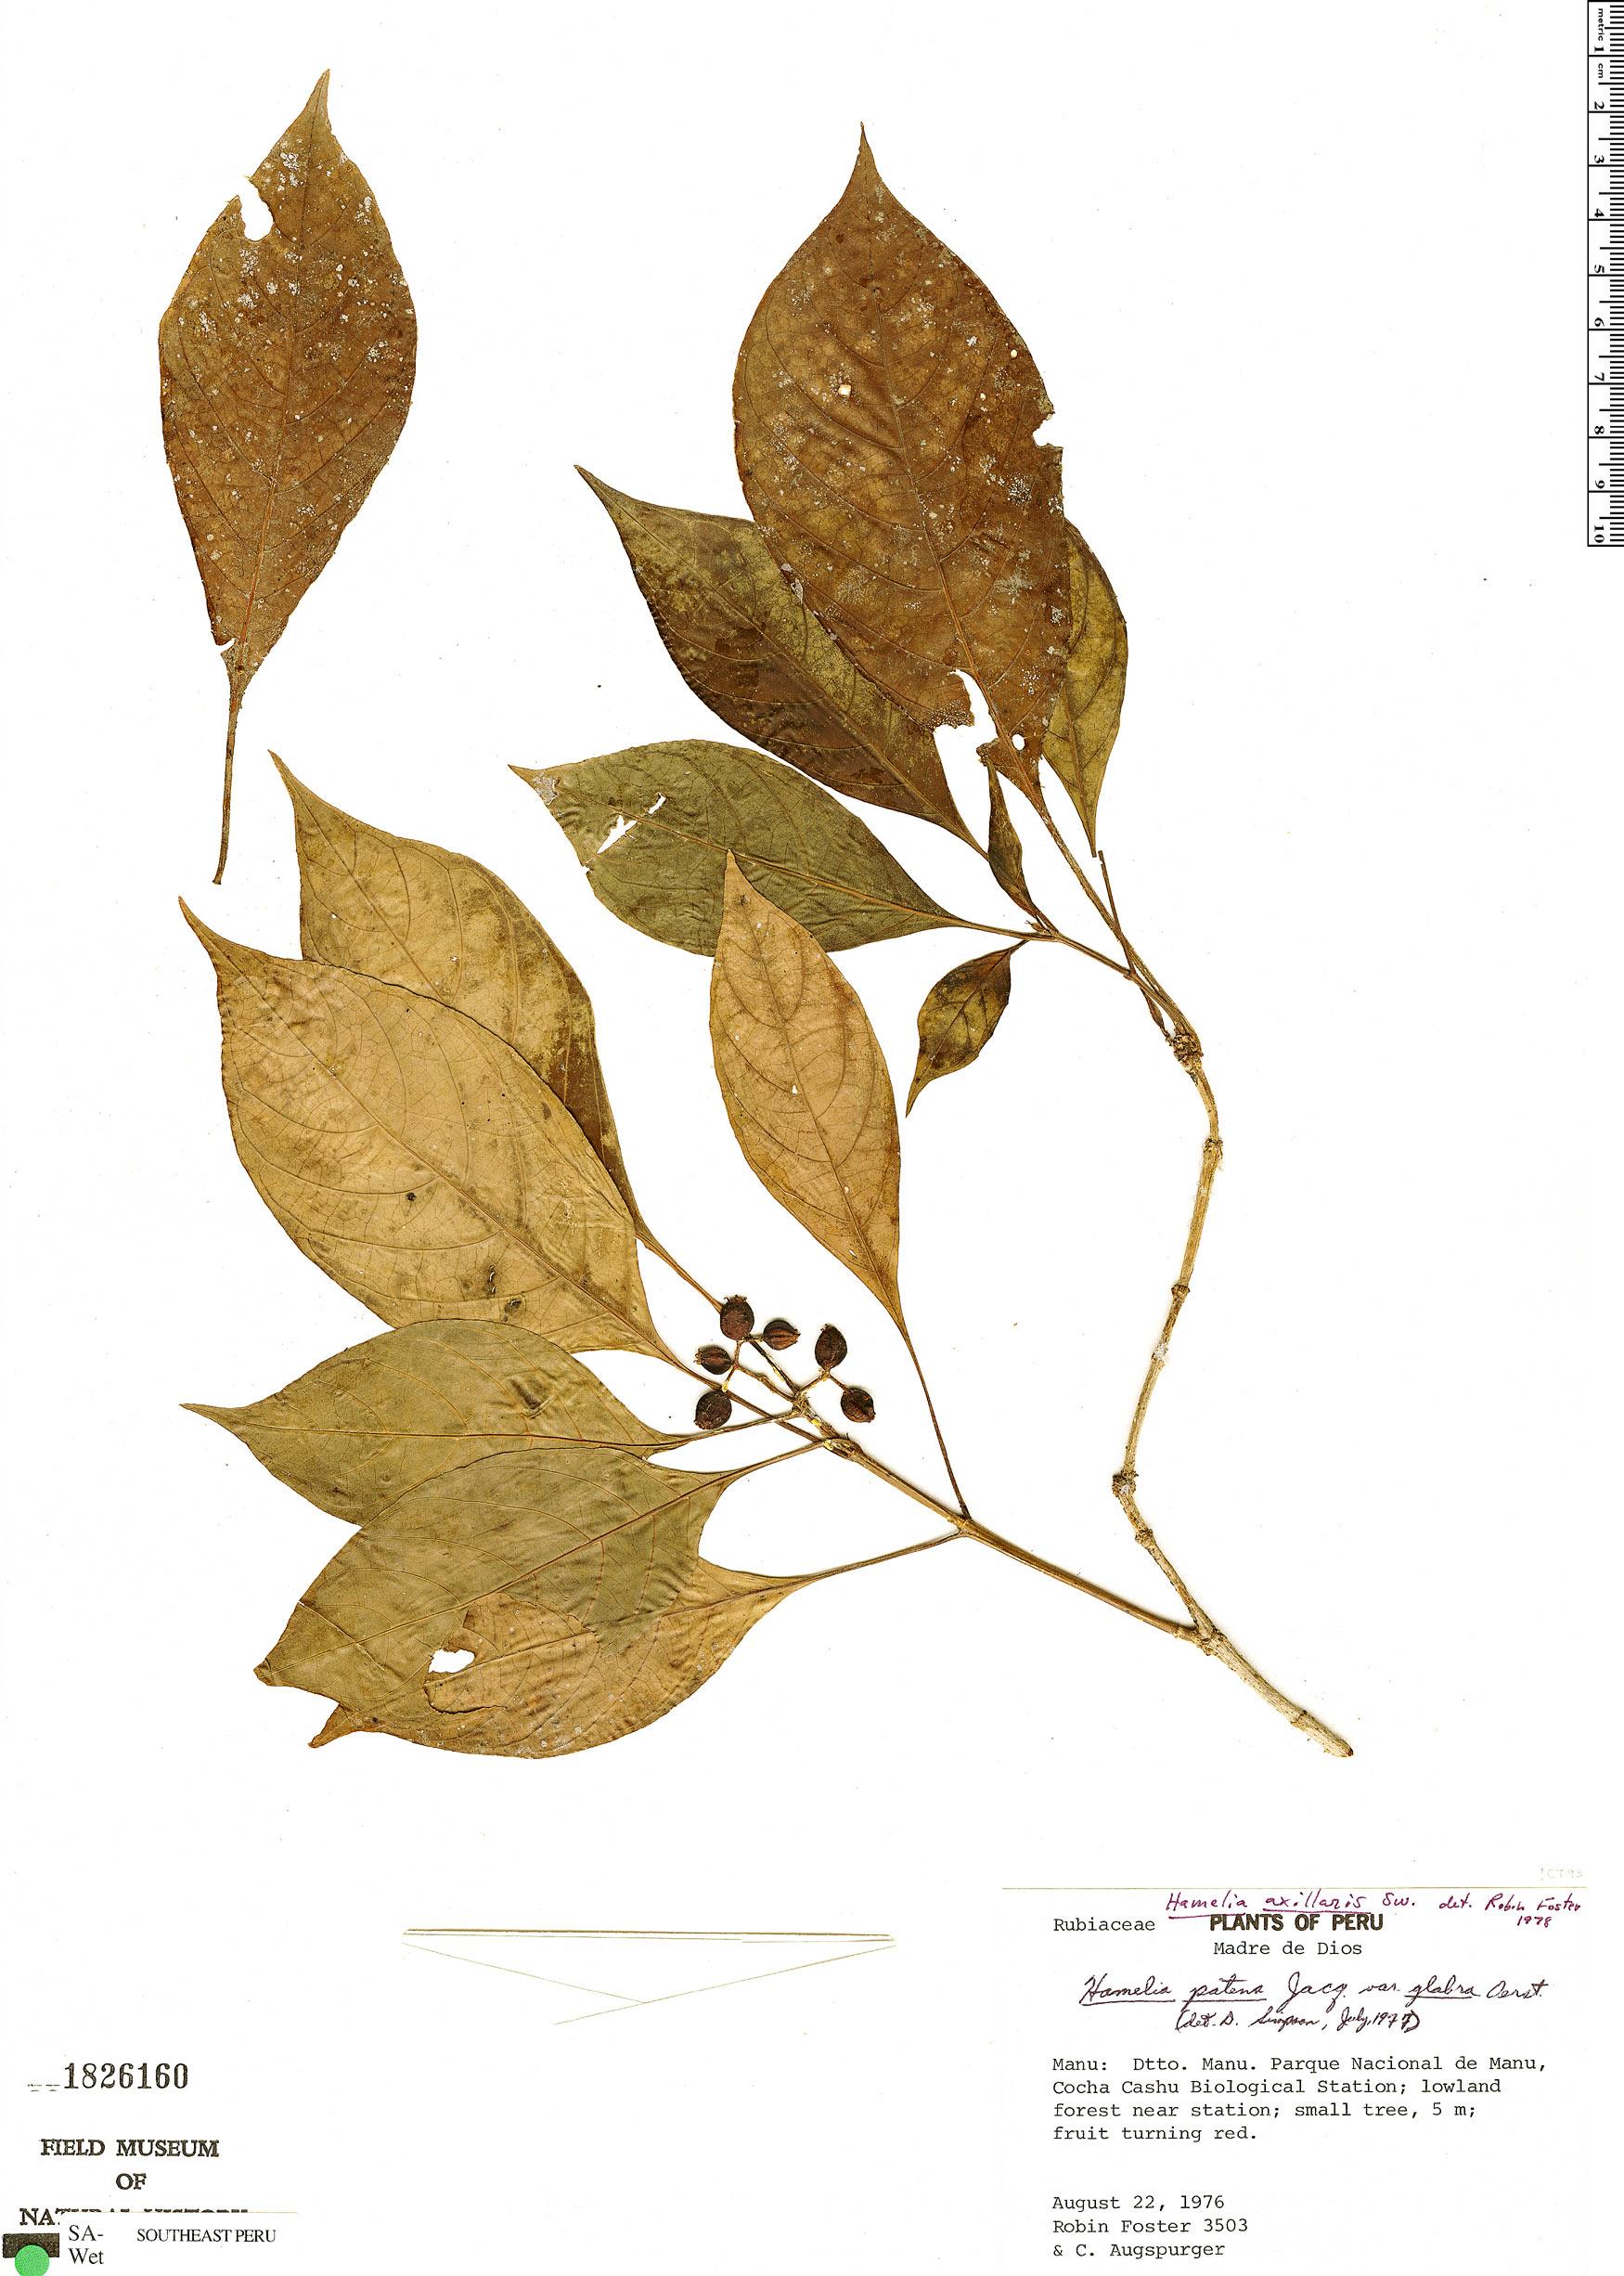 Specimen: Hamelia axillaris